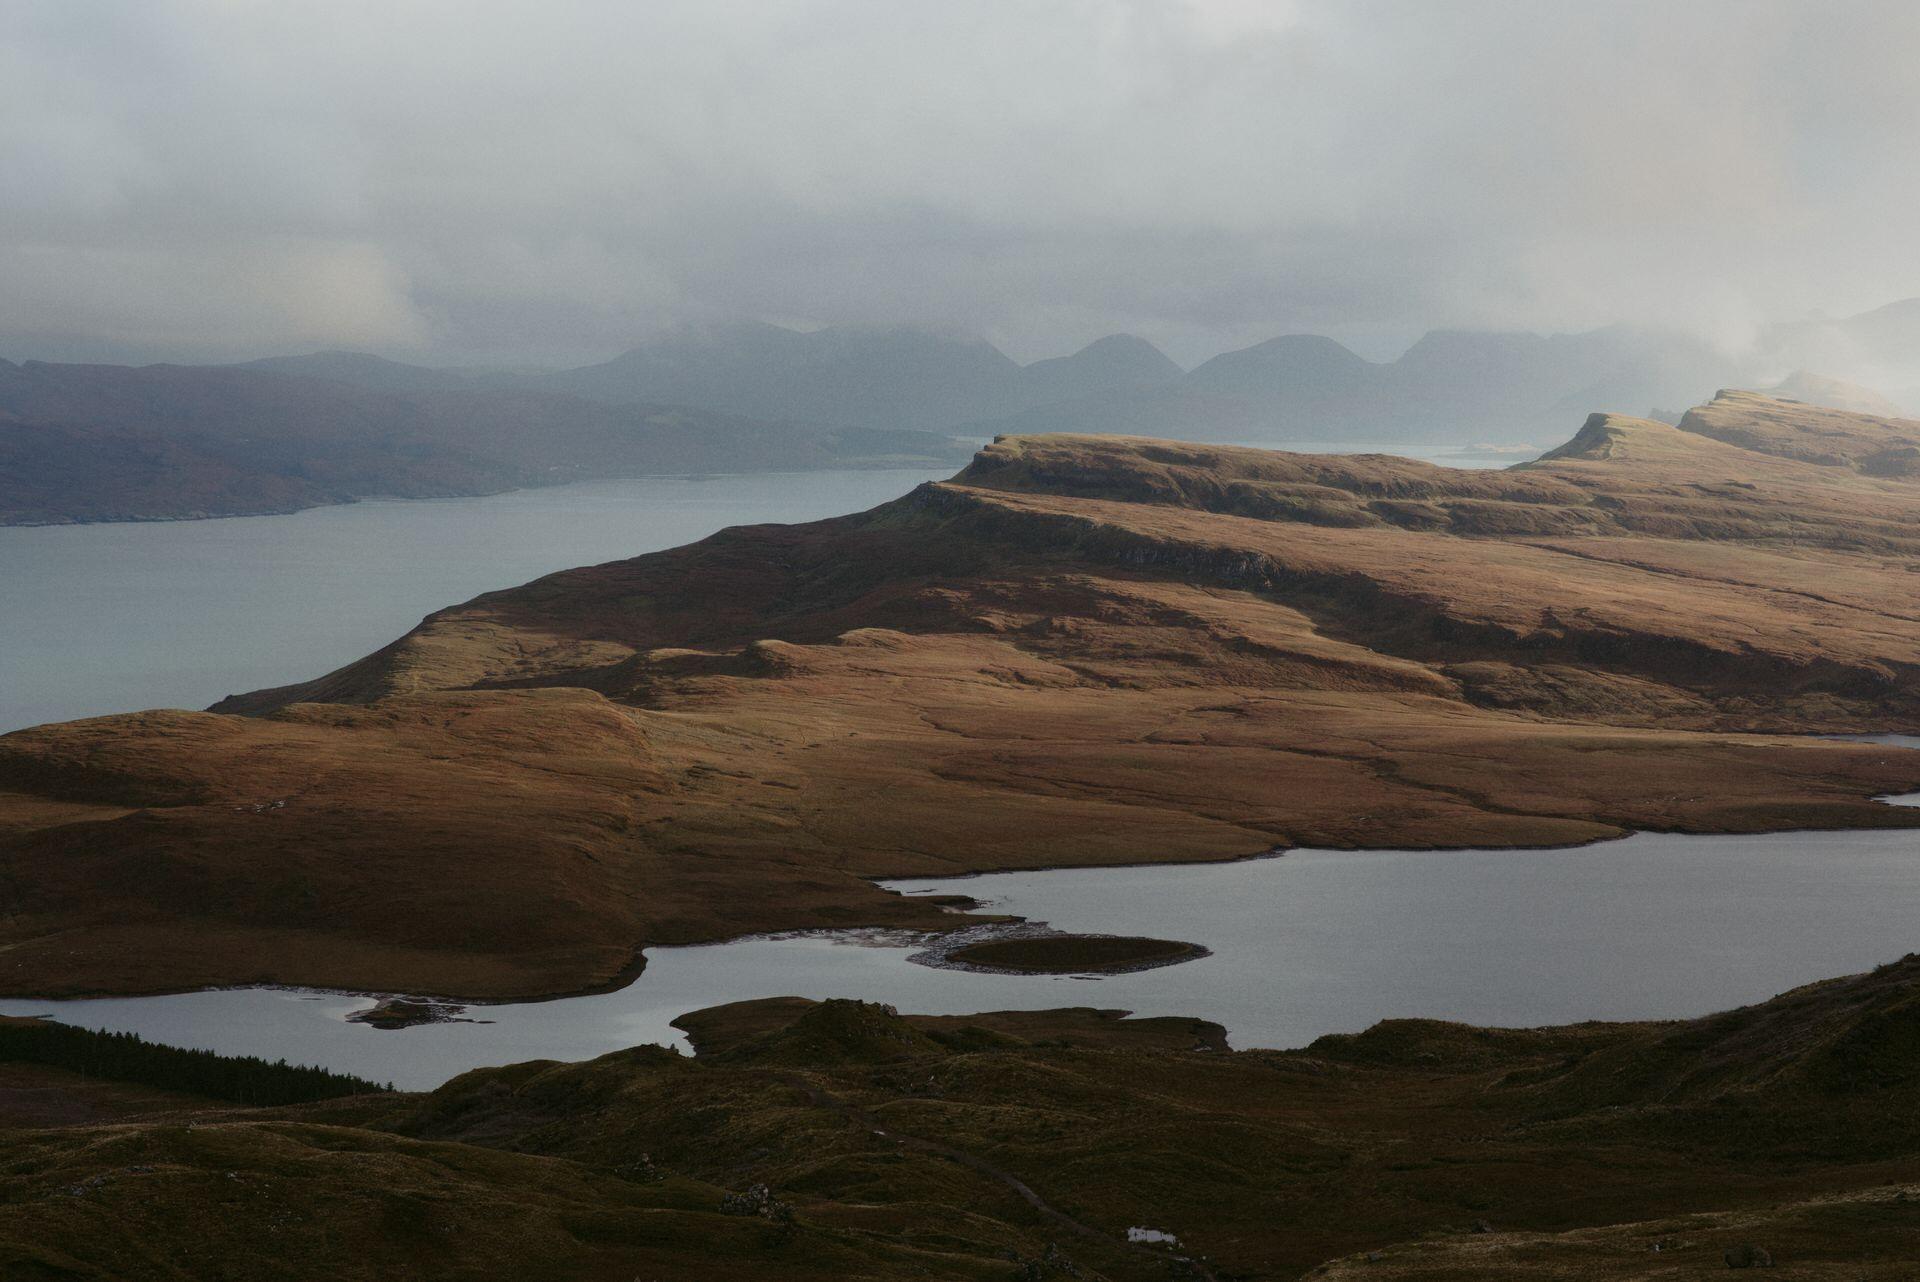 Quiraing Elopement Isle of Skye 429